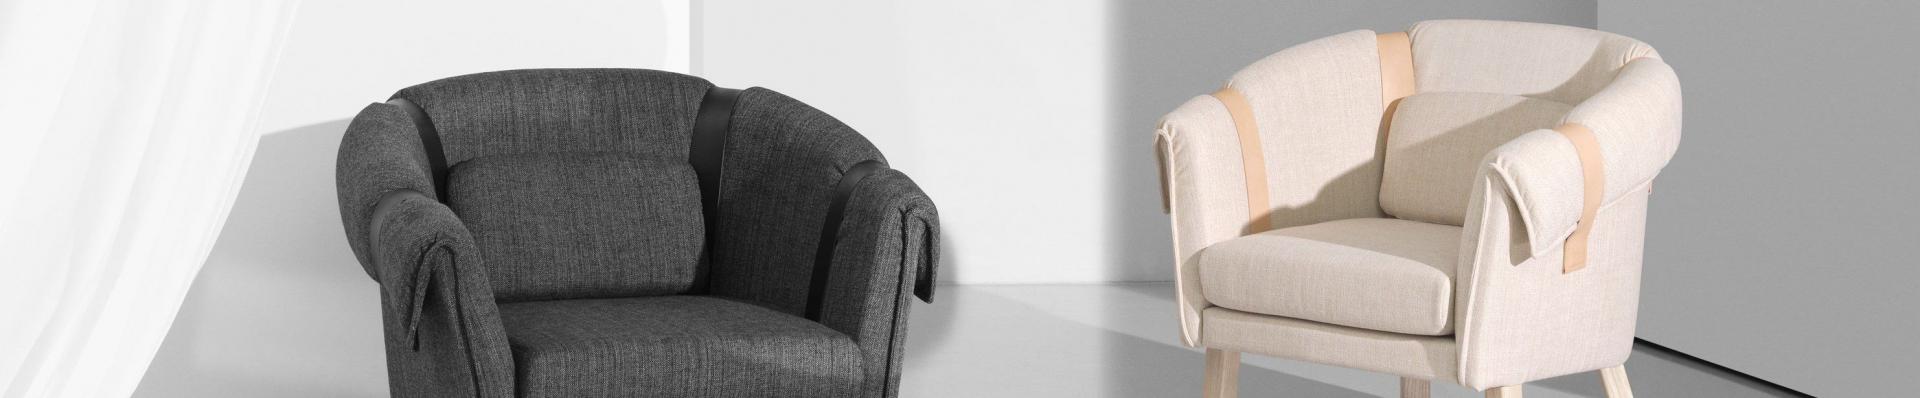 Design House Stockholm fauteuils